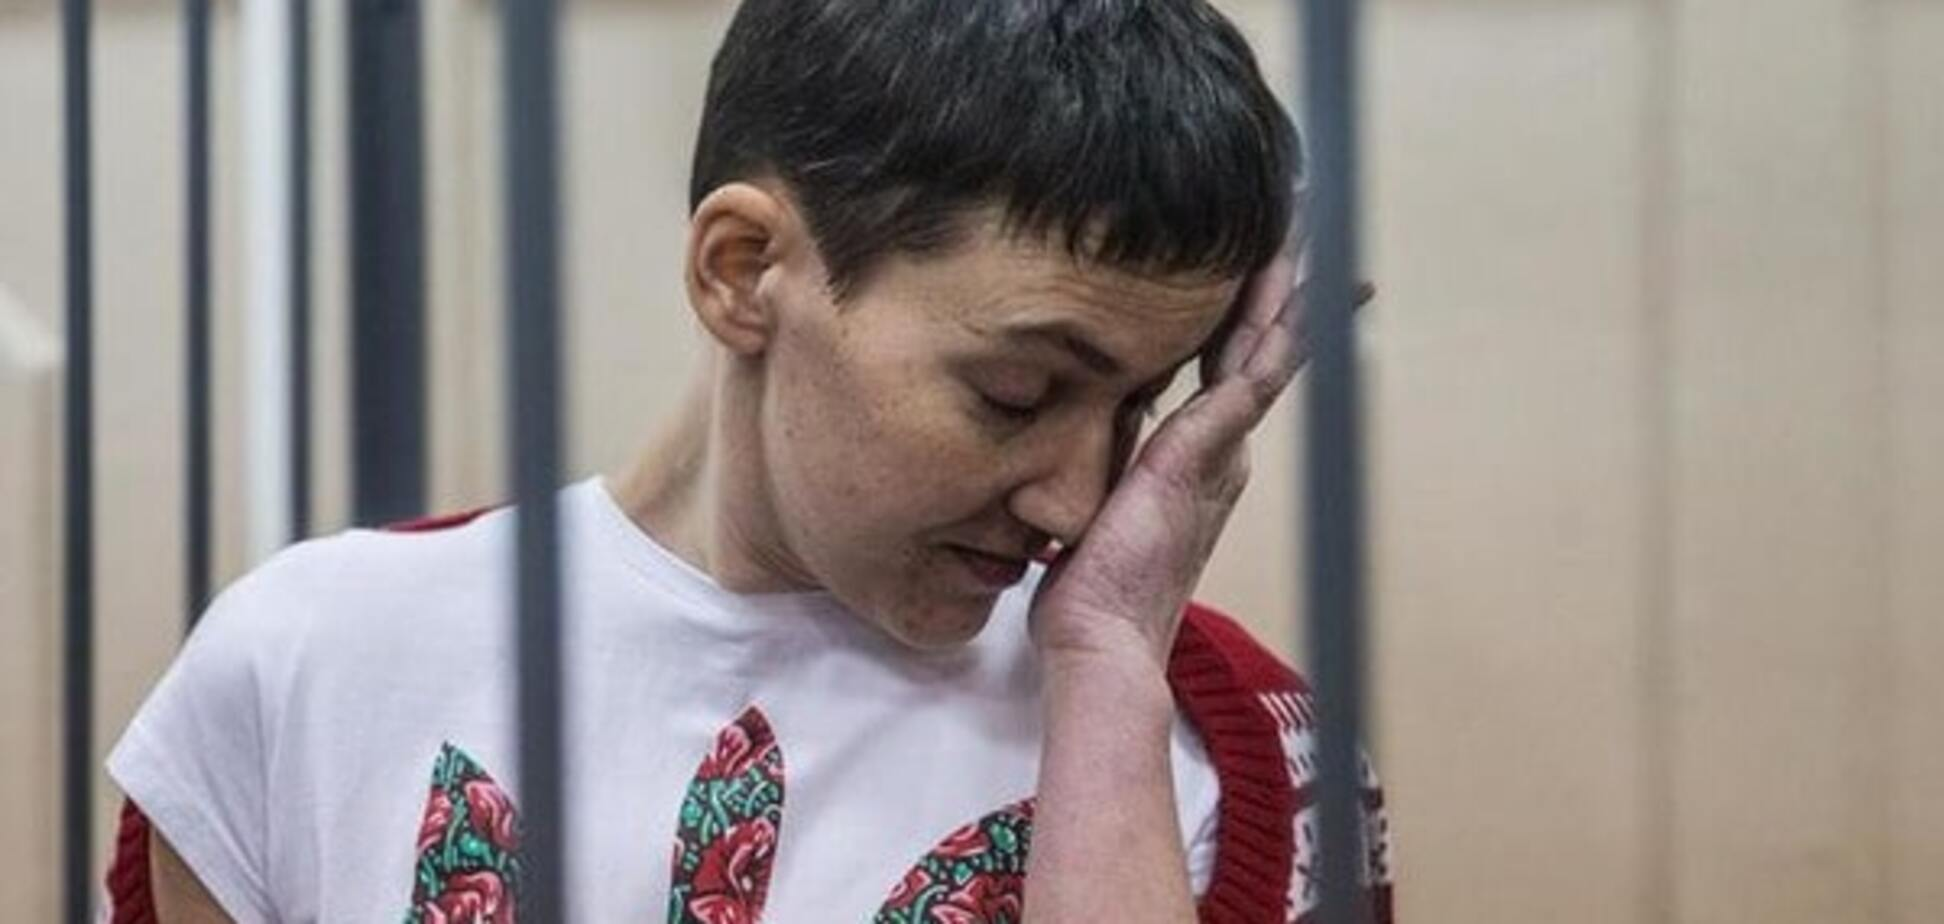 Путін може помилувати Савченко 'по-тихому': адвокат розповів про звільнення льотчиці